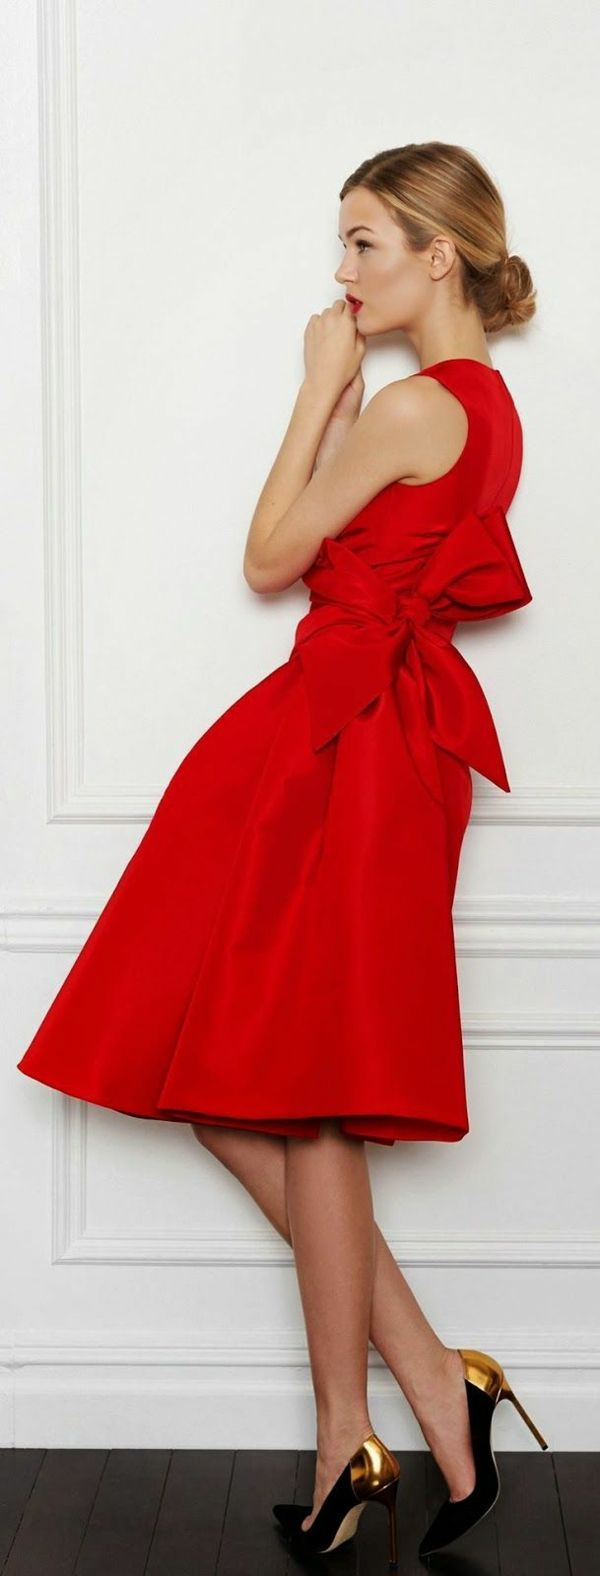 Rotes Kleid kaufen: welche Frauen tragen gern Rot? | Rot, Mode und ...